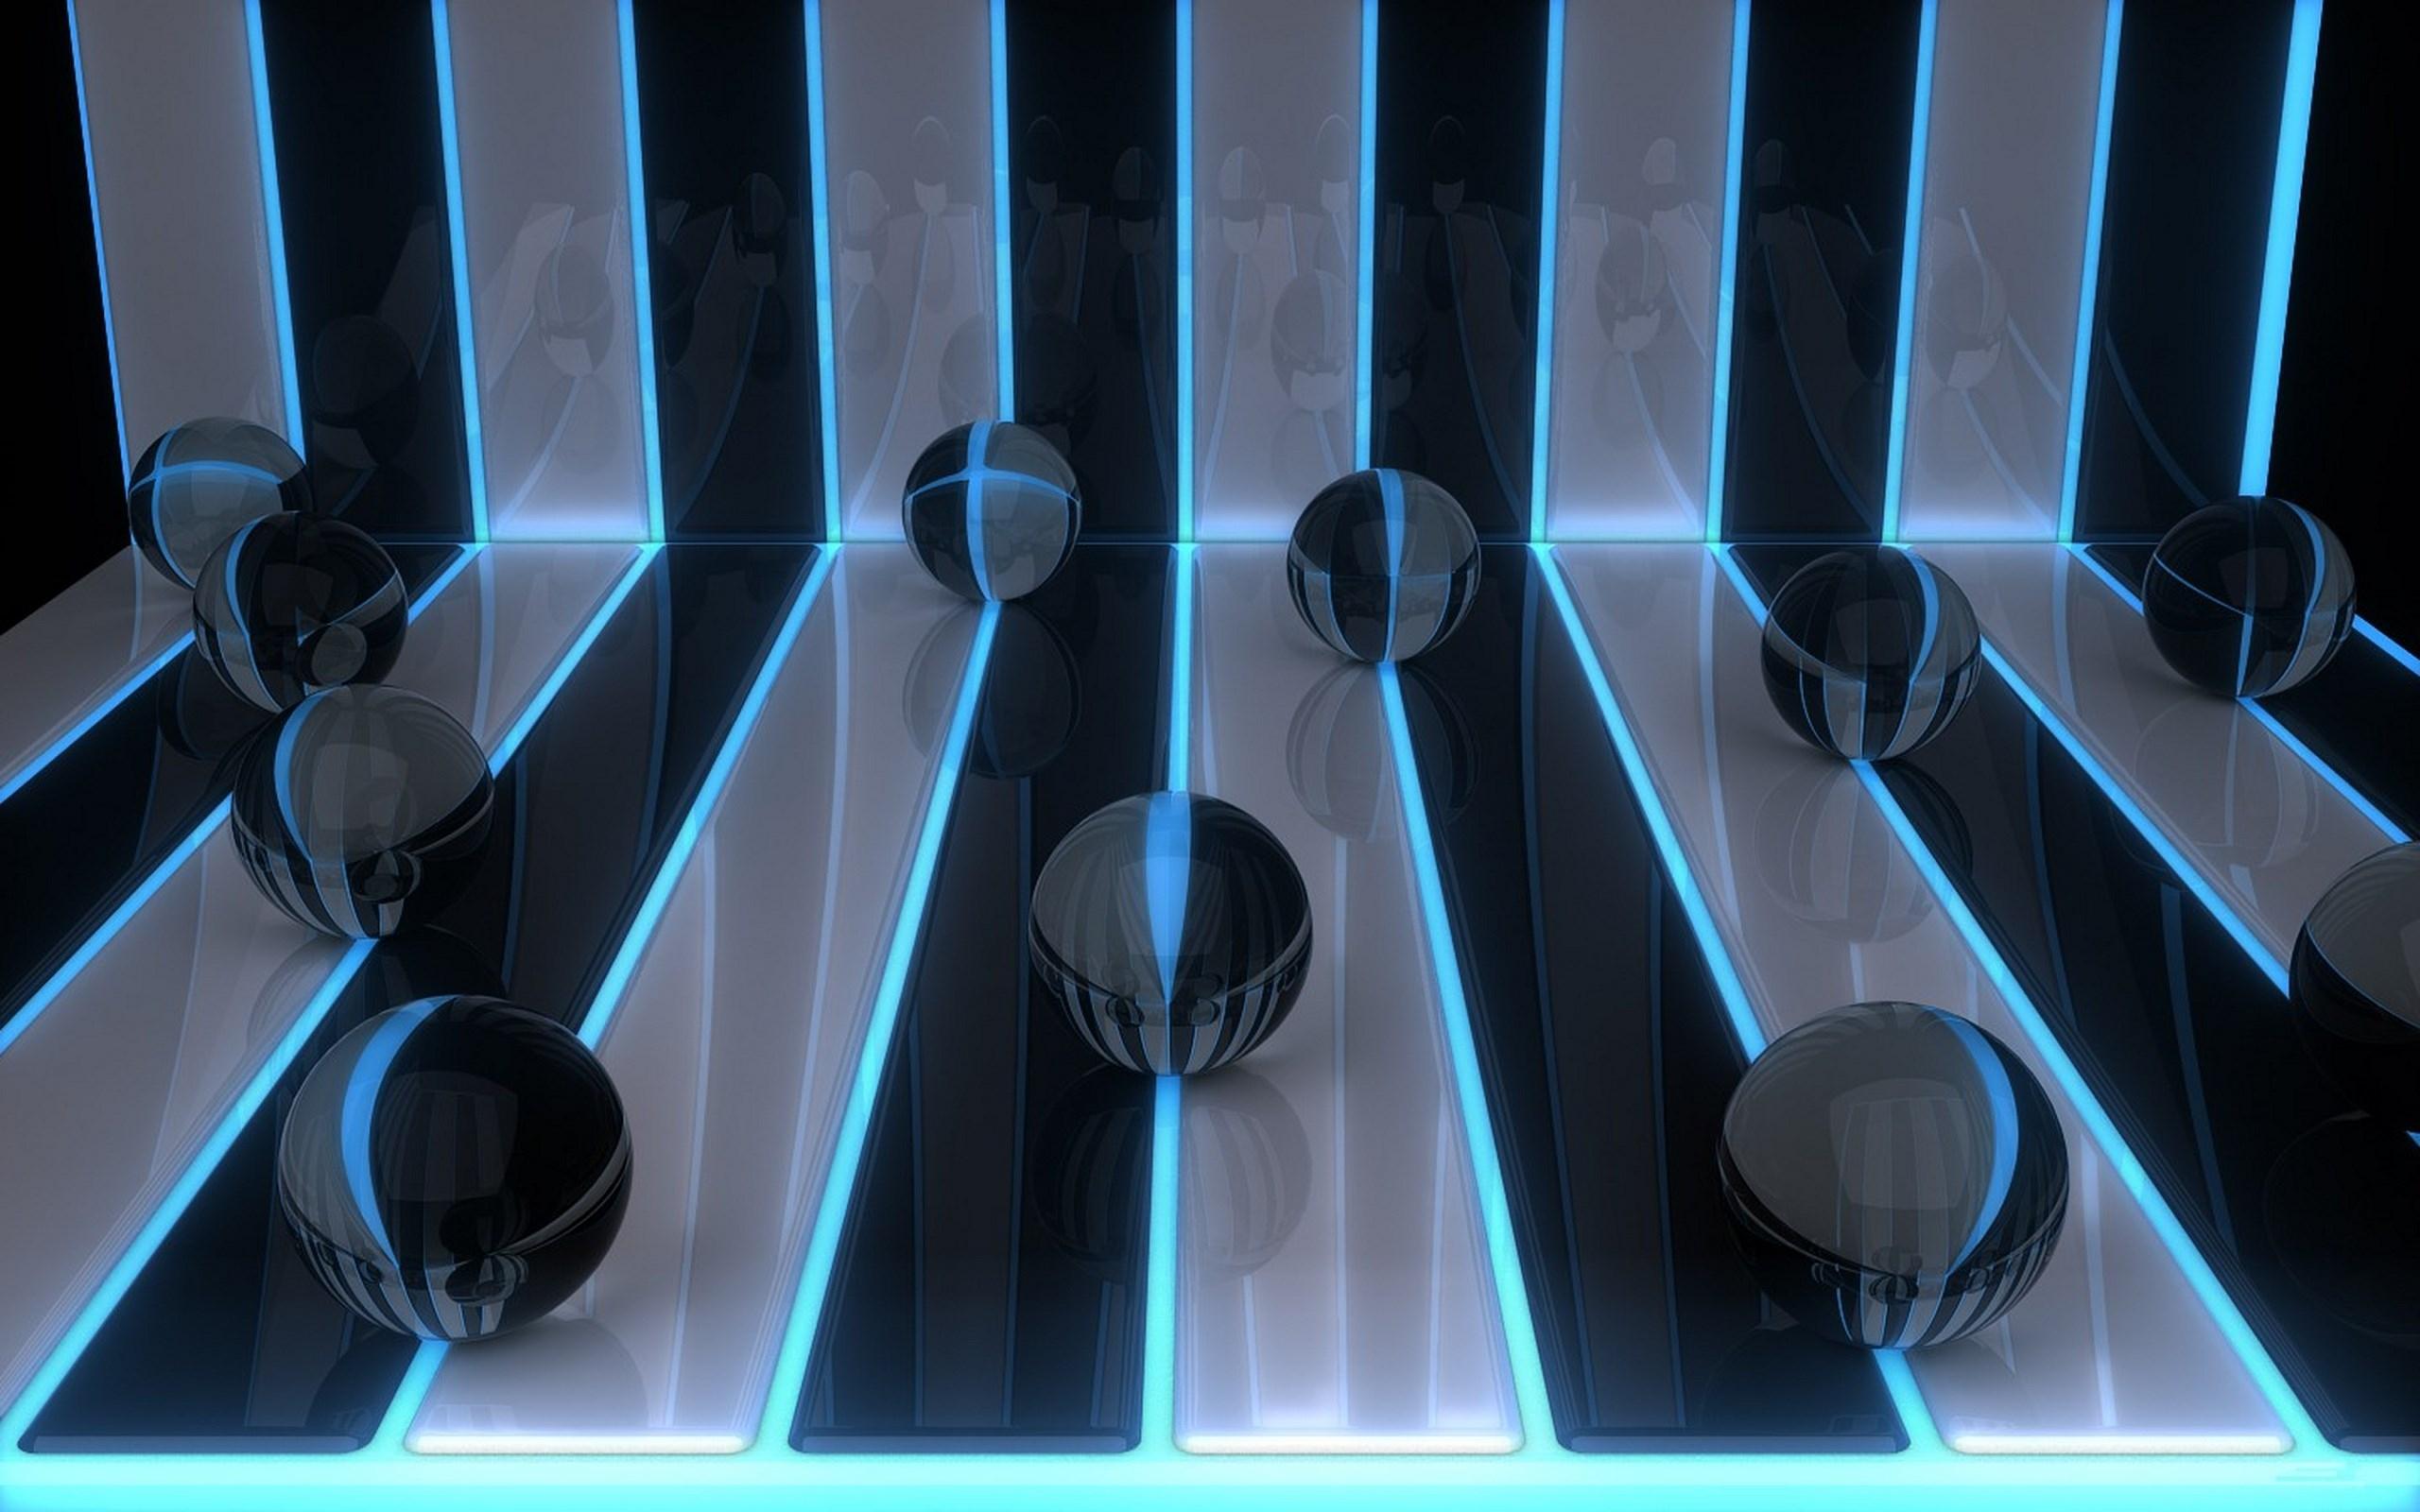 Wallpaper Seni Digital 3D Biru Lingkaran Bola Cahaya